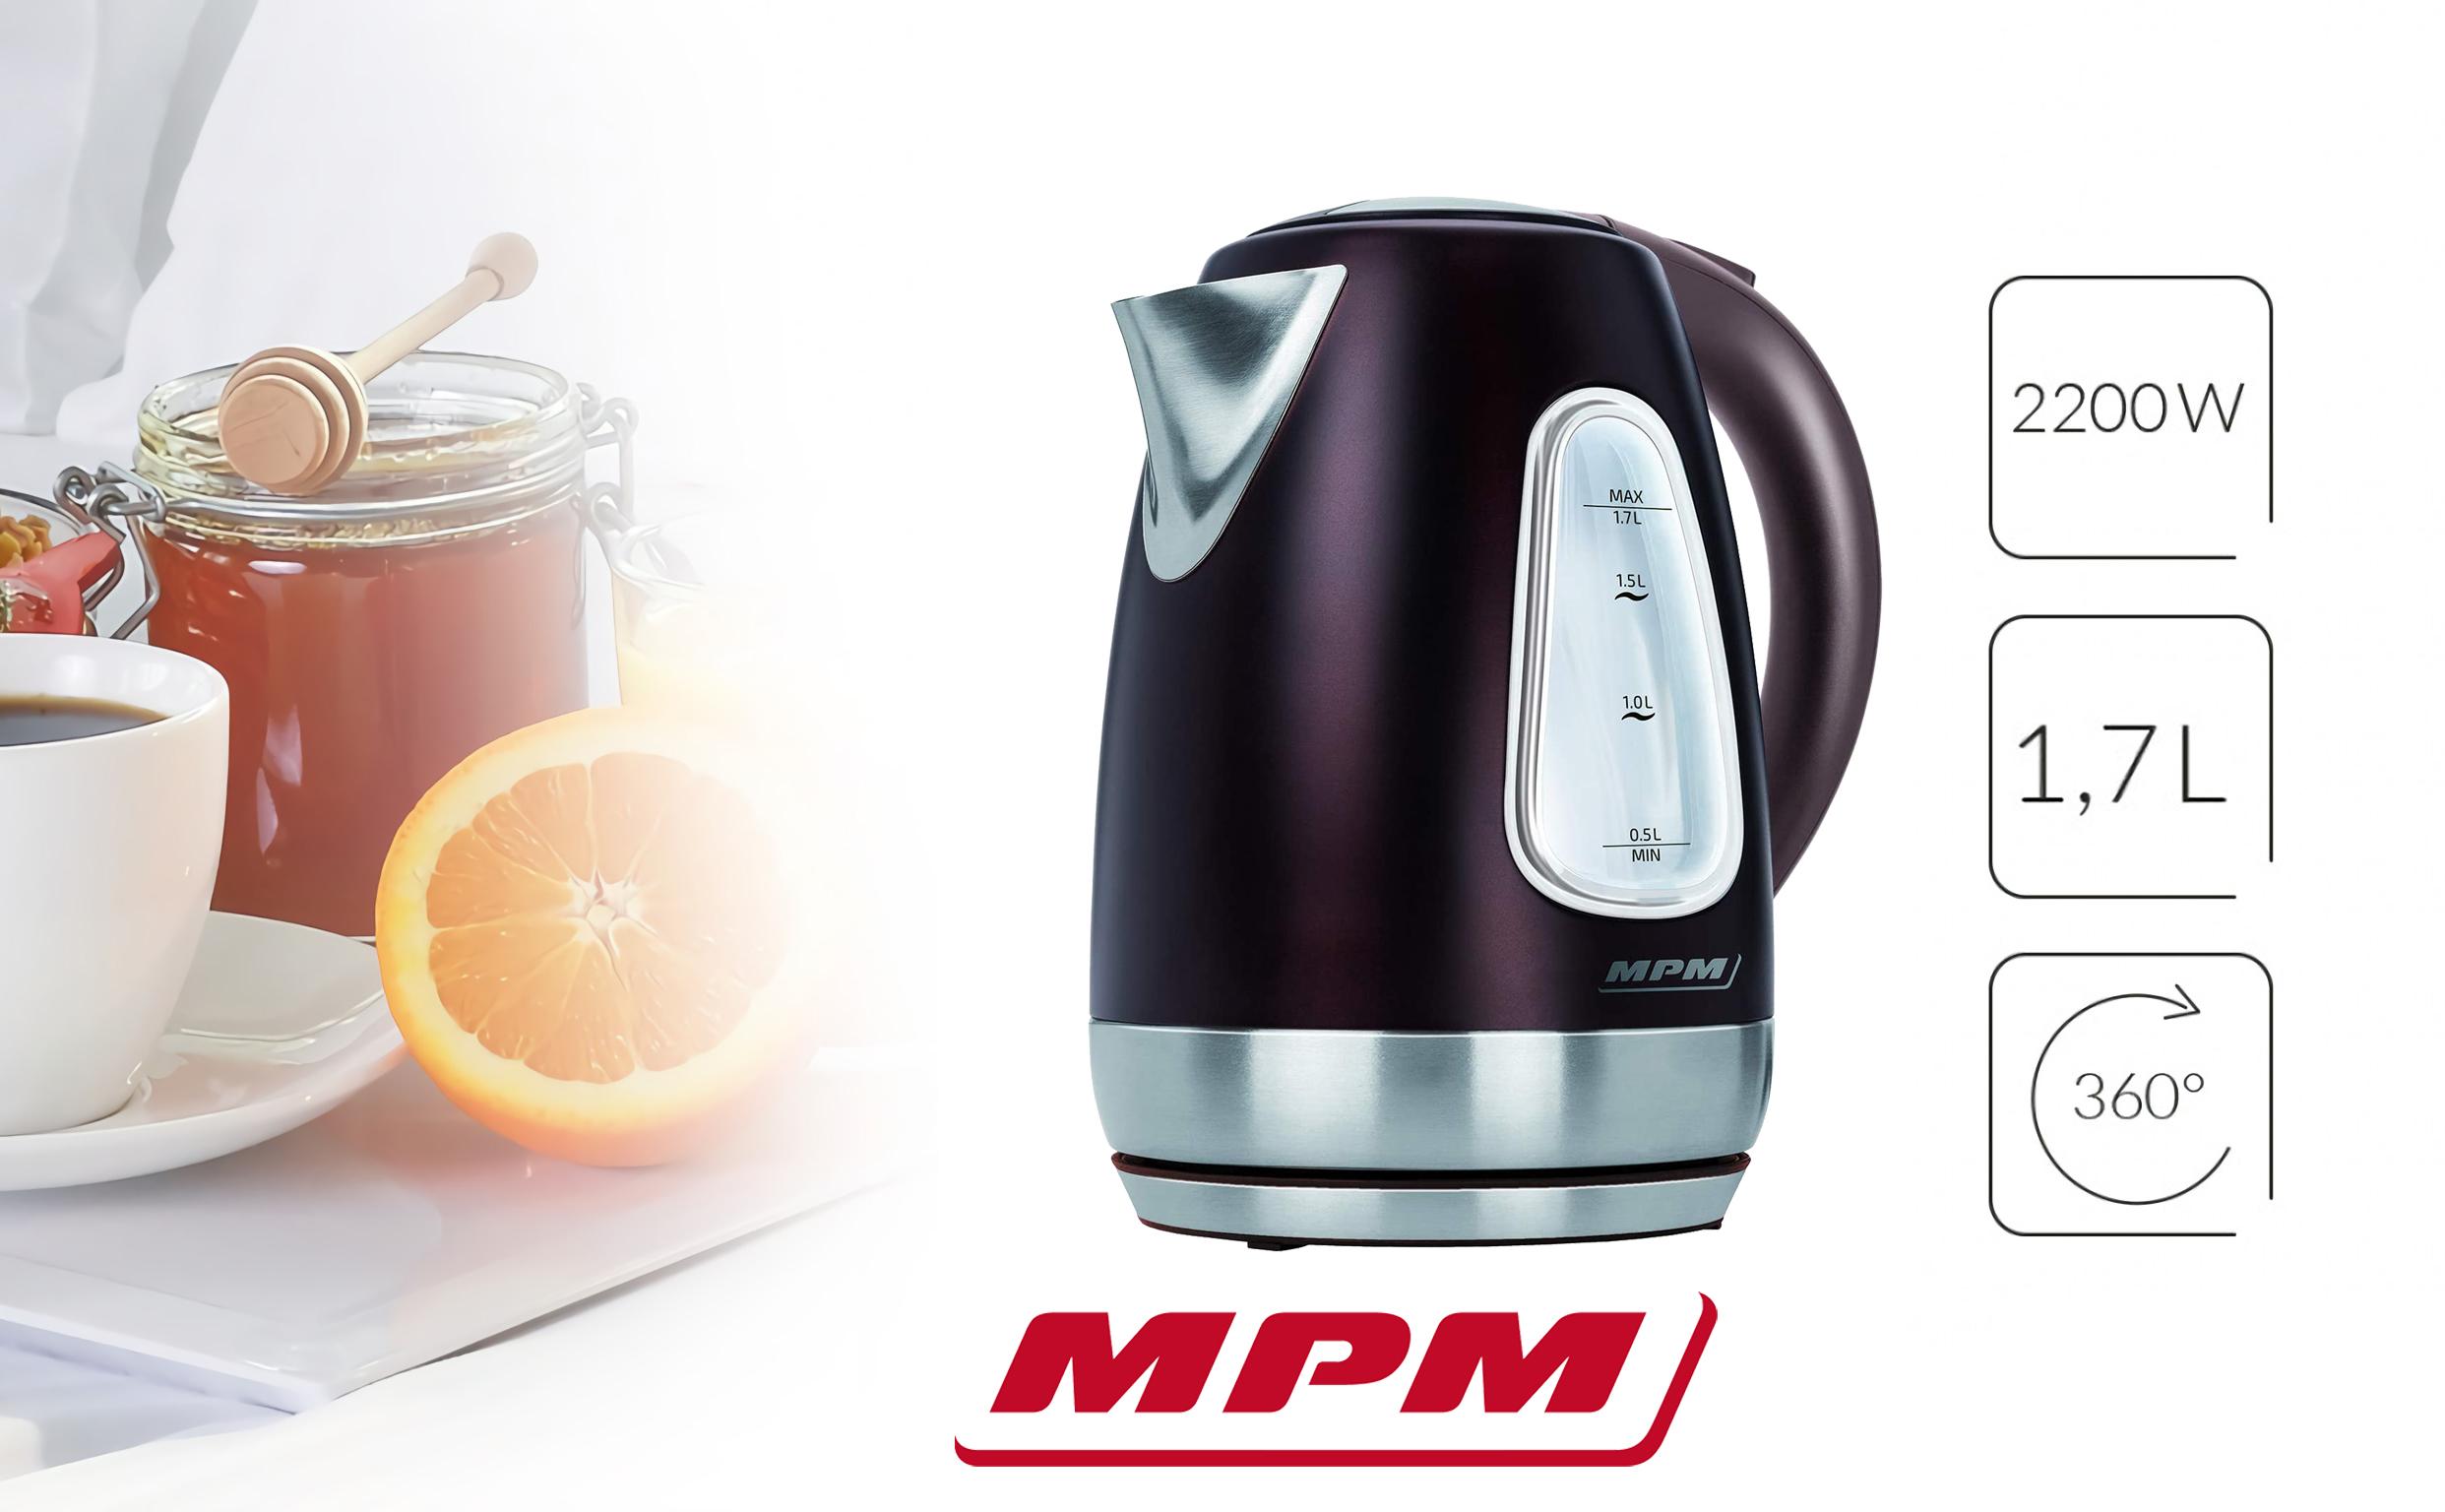 MPM MCZ-55 Hervidor de Agua Eléctrico Inalámbrico de Acero Inoxidable, 1,7 Litros, 2200W, Libre de BPA